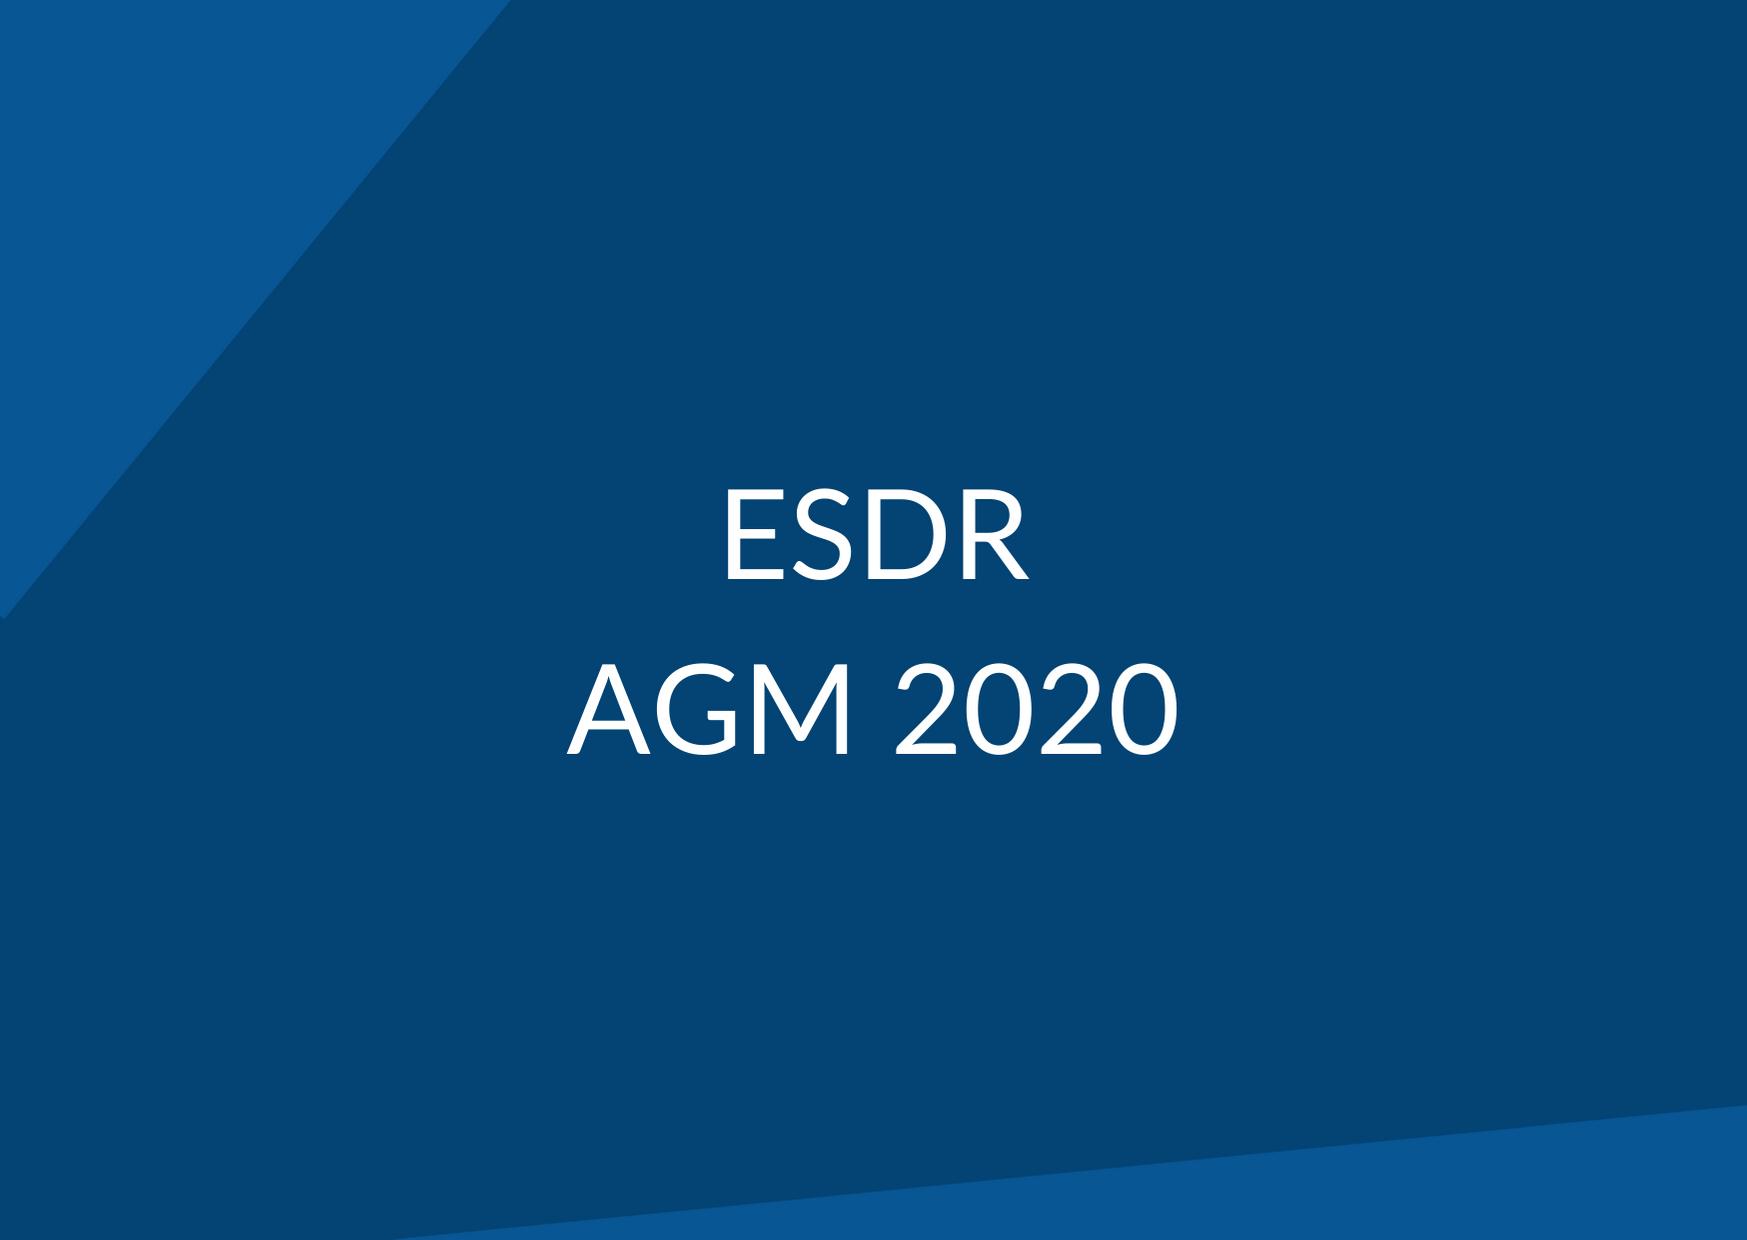 ESDR AGM 2020